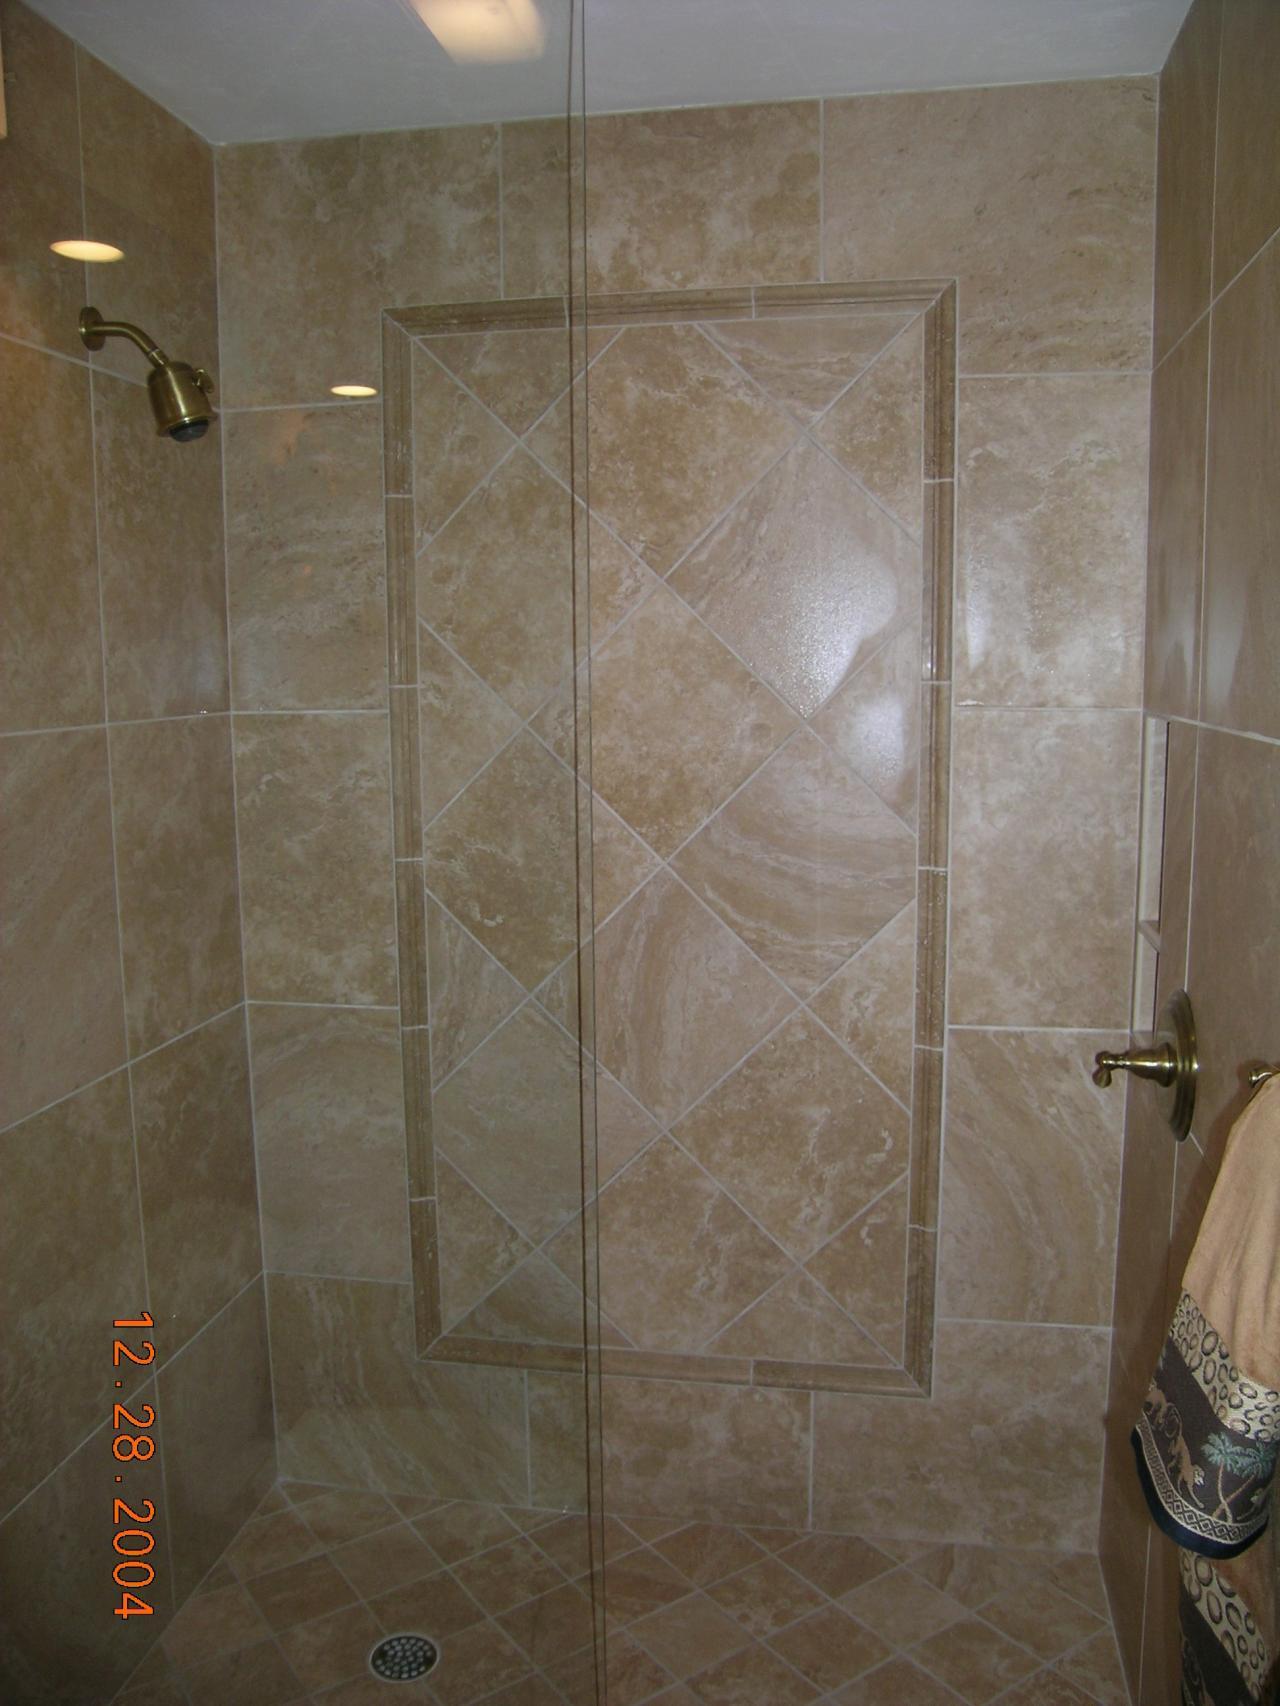 Stephenson Ceramic Tile  Wood Floors  Naples Shower Tile